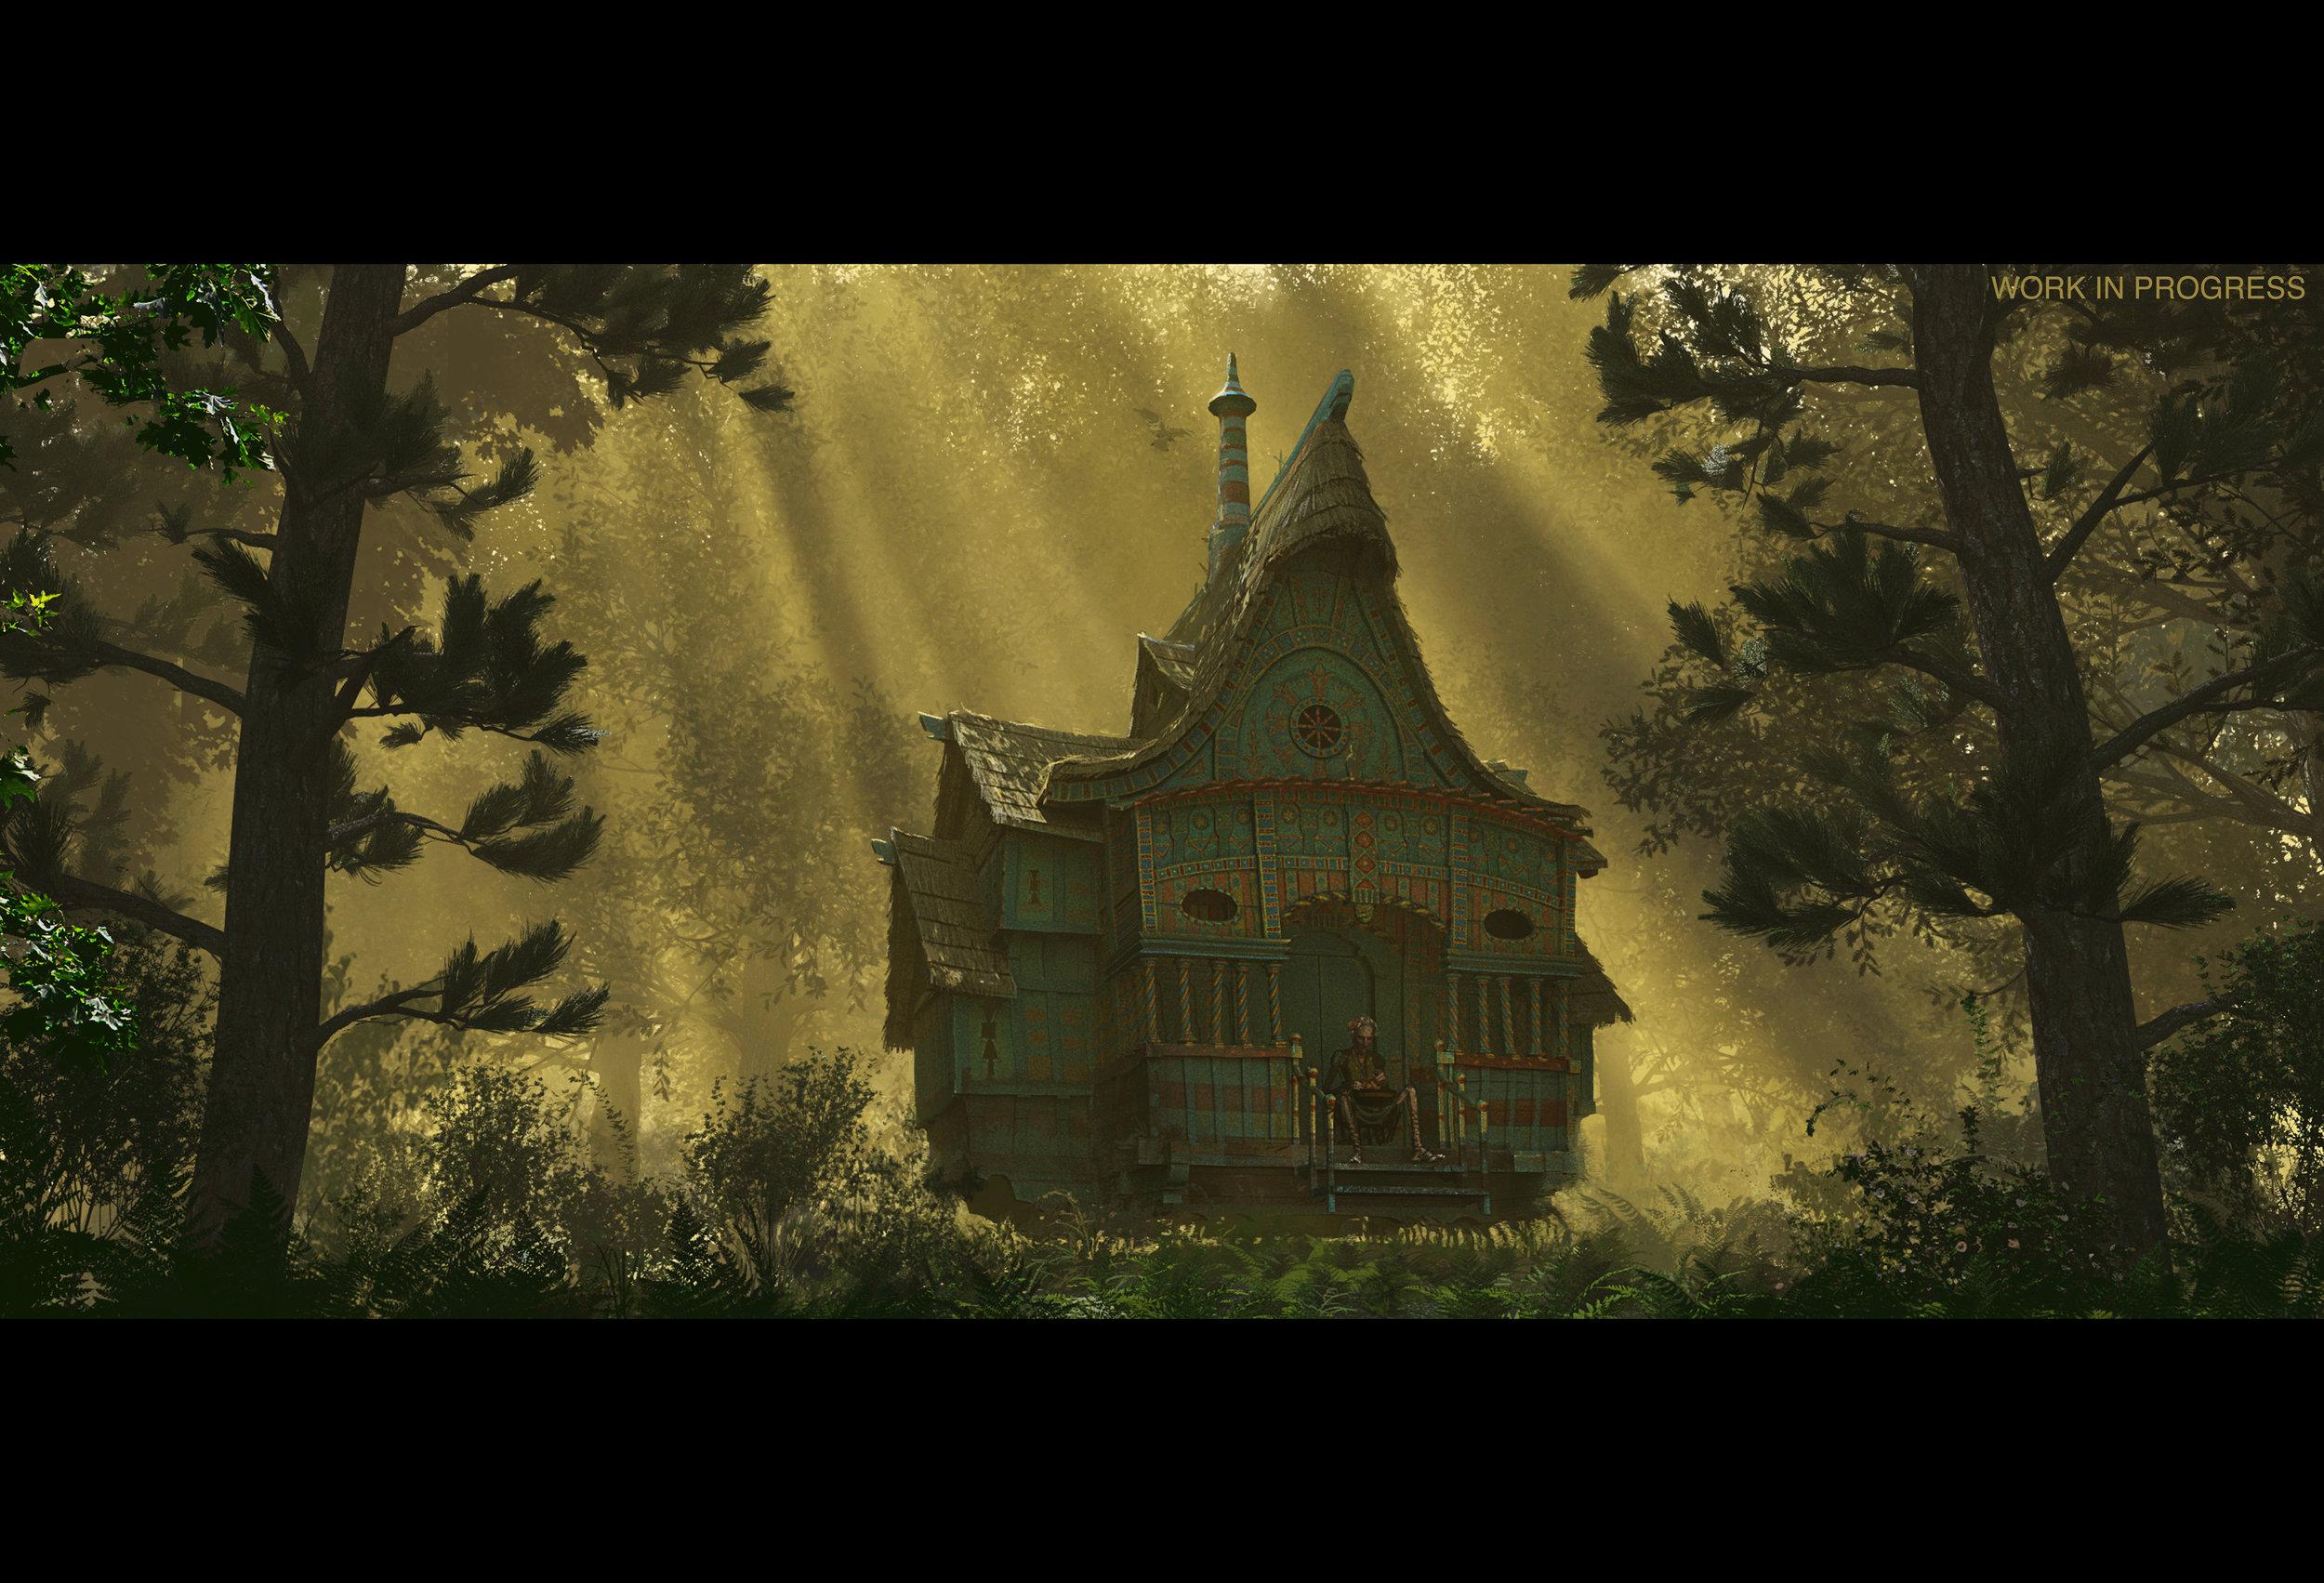 Baba Yaga's cottage